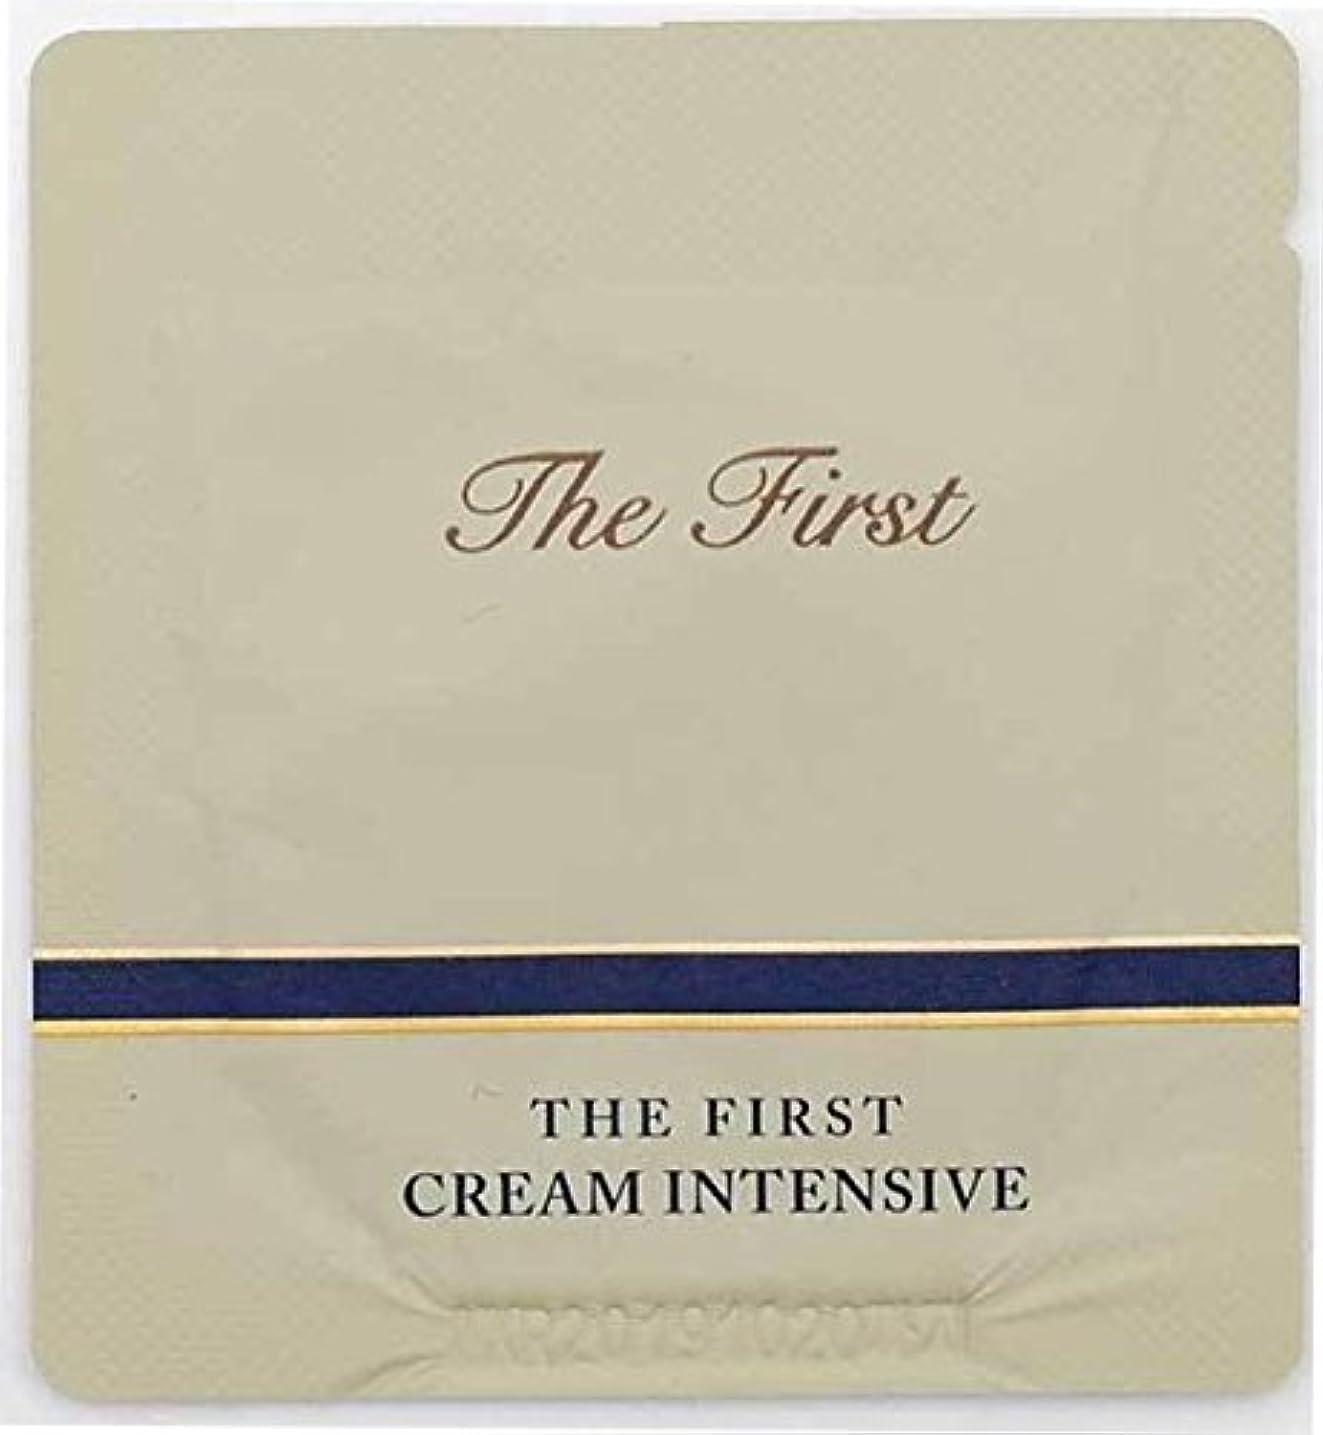 性的寄生虫北米[サンプル] OHUI The First Cream intensive 1ml × 30ea/オフィ ザ ファースト クリーム インテンシブ 1ml × 30個